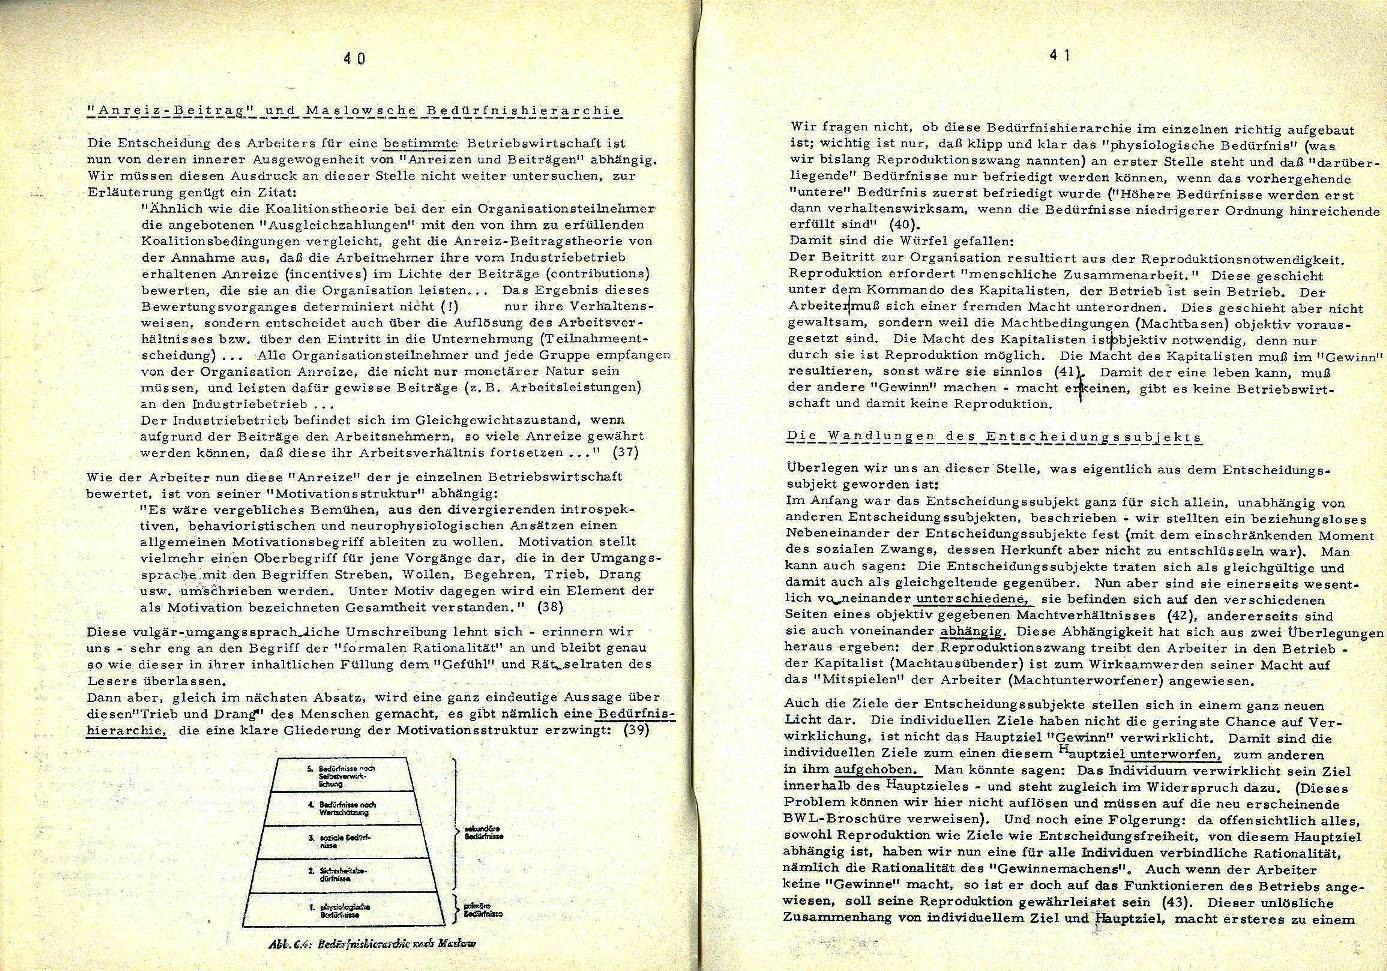 Muenchen_AK_Sozialistisches_Studium022